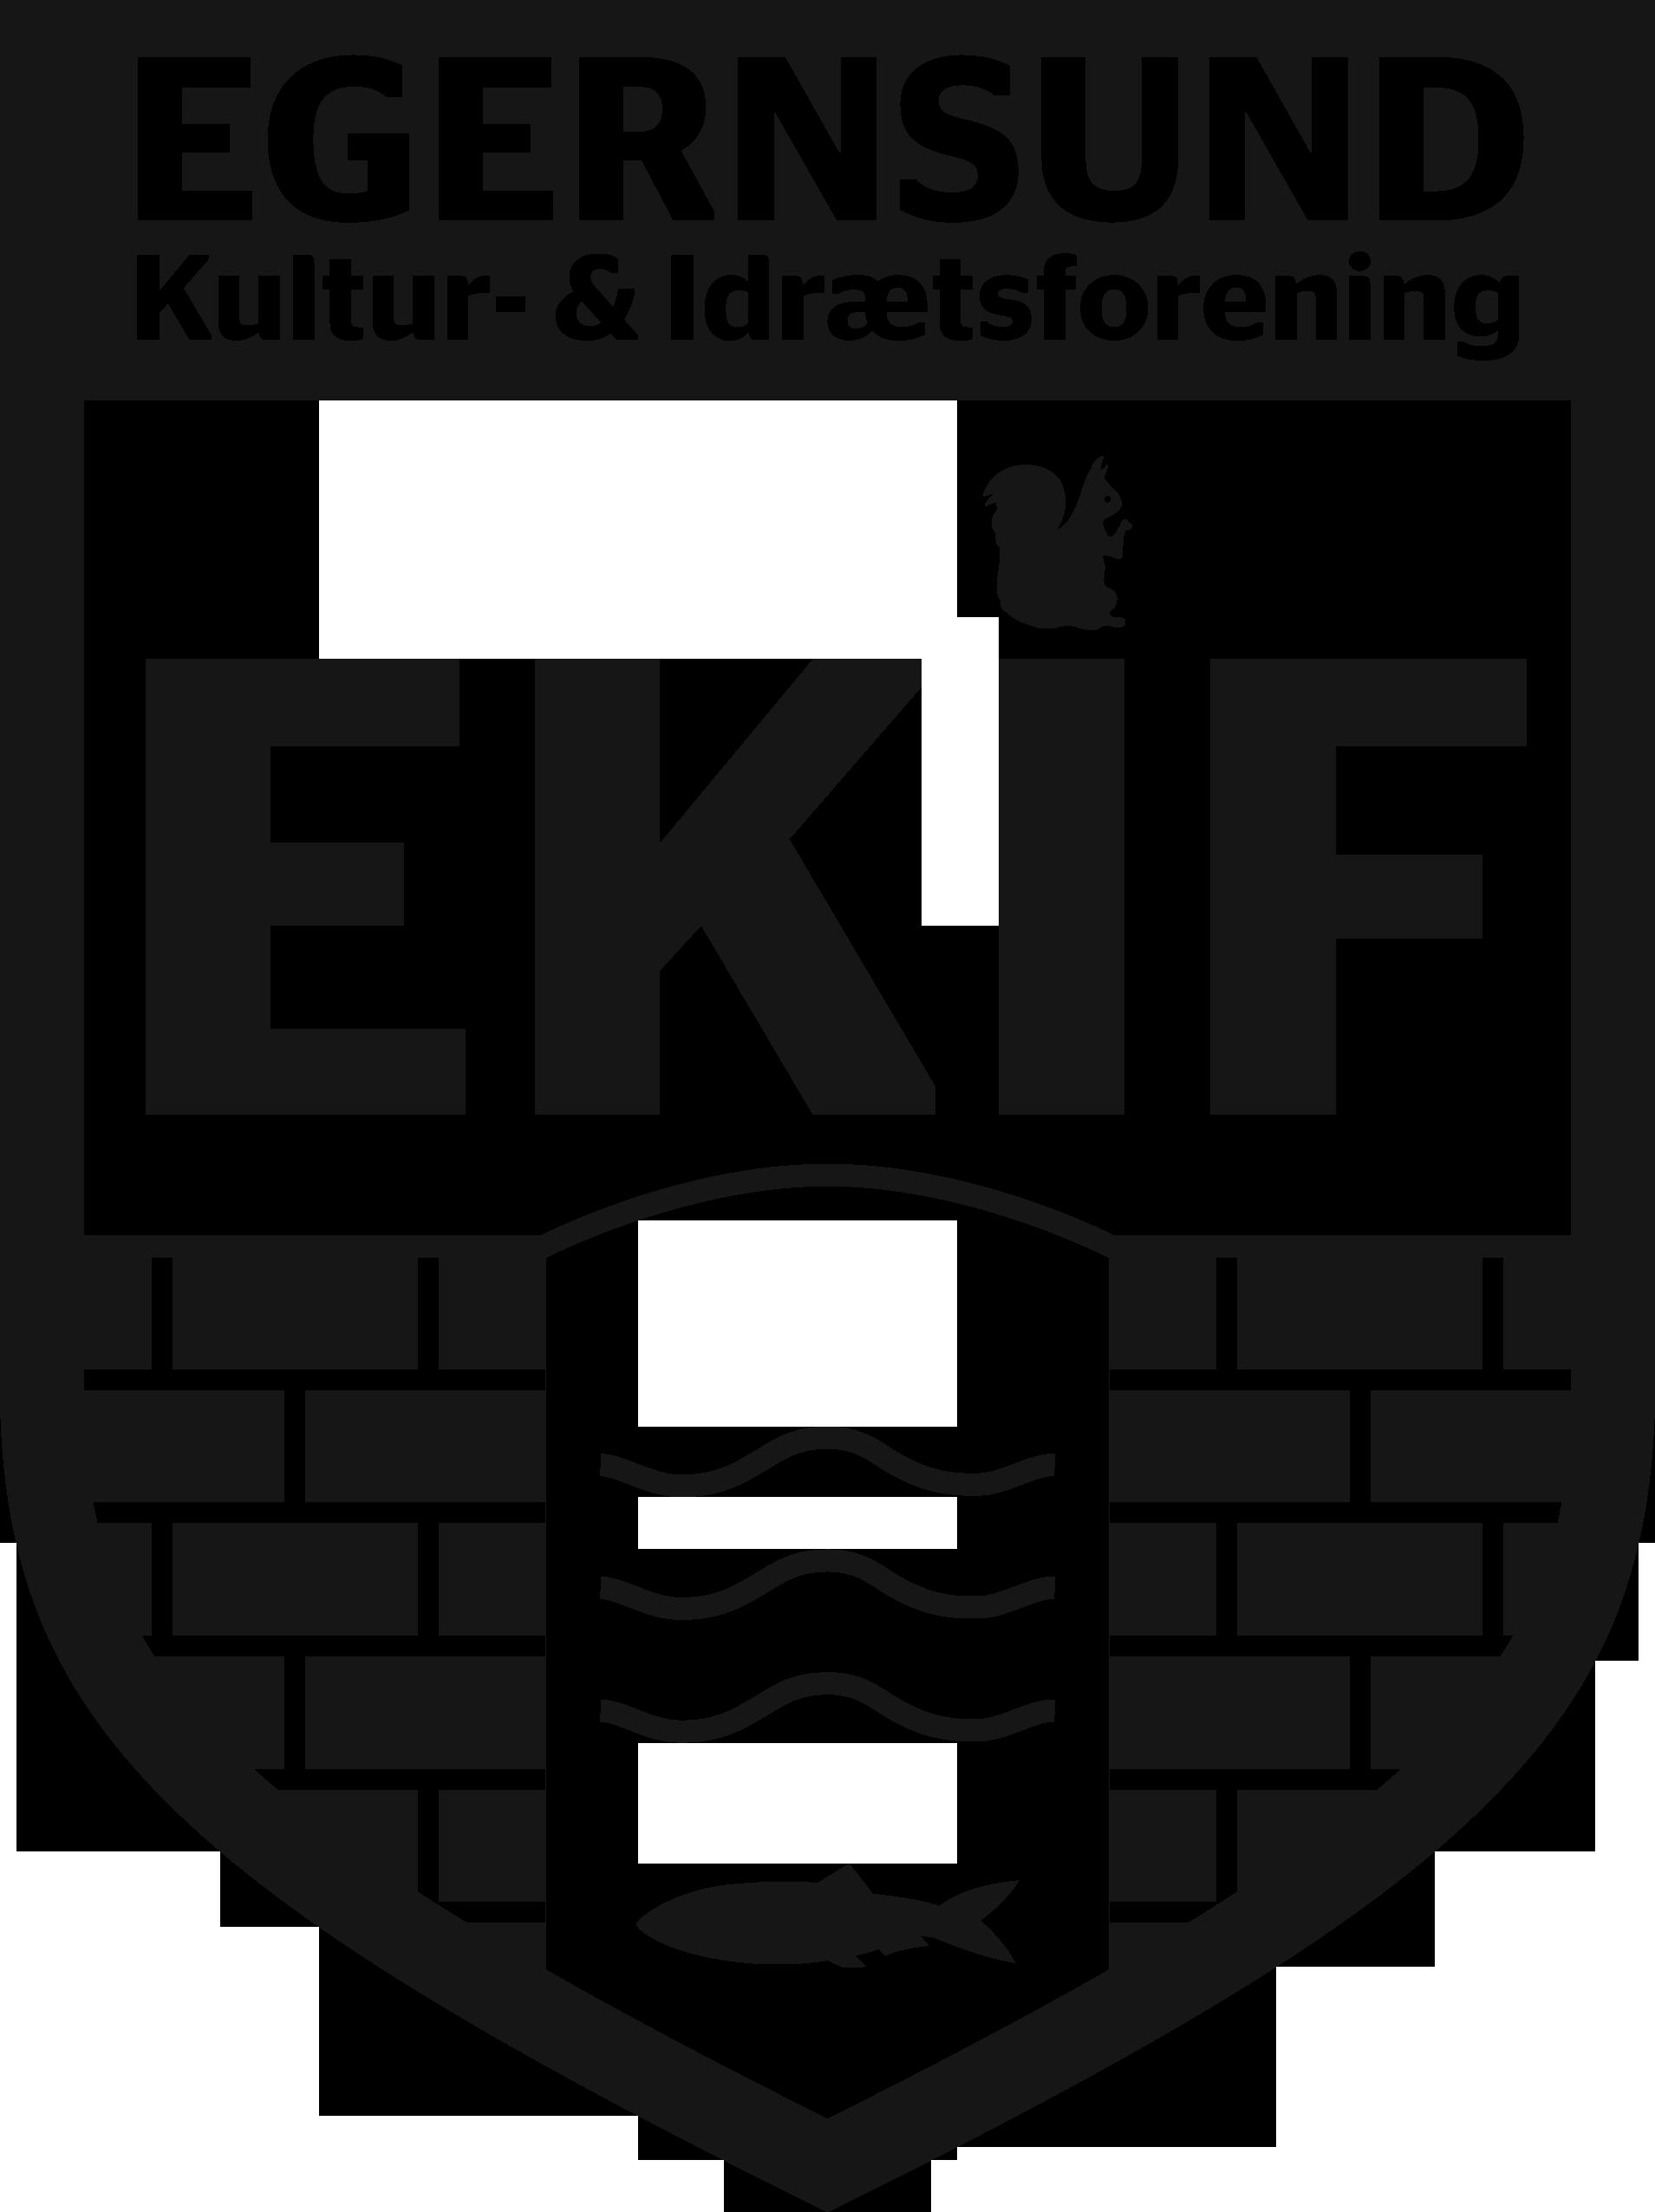 Egernsund Kultur- og Idrætsforening